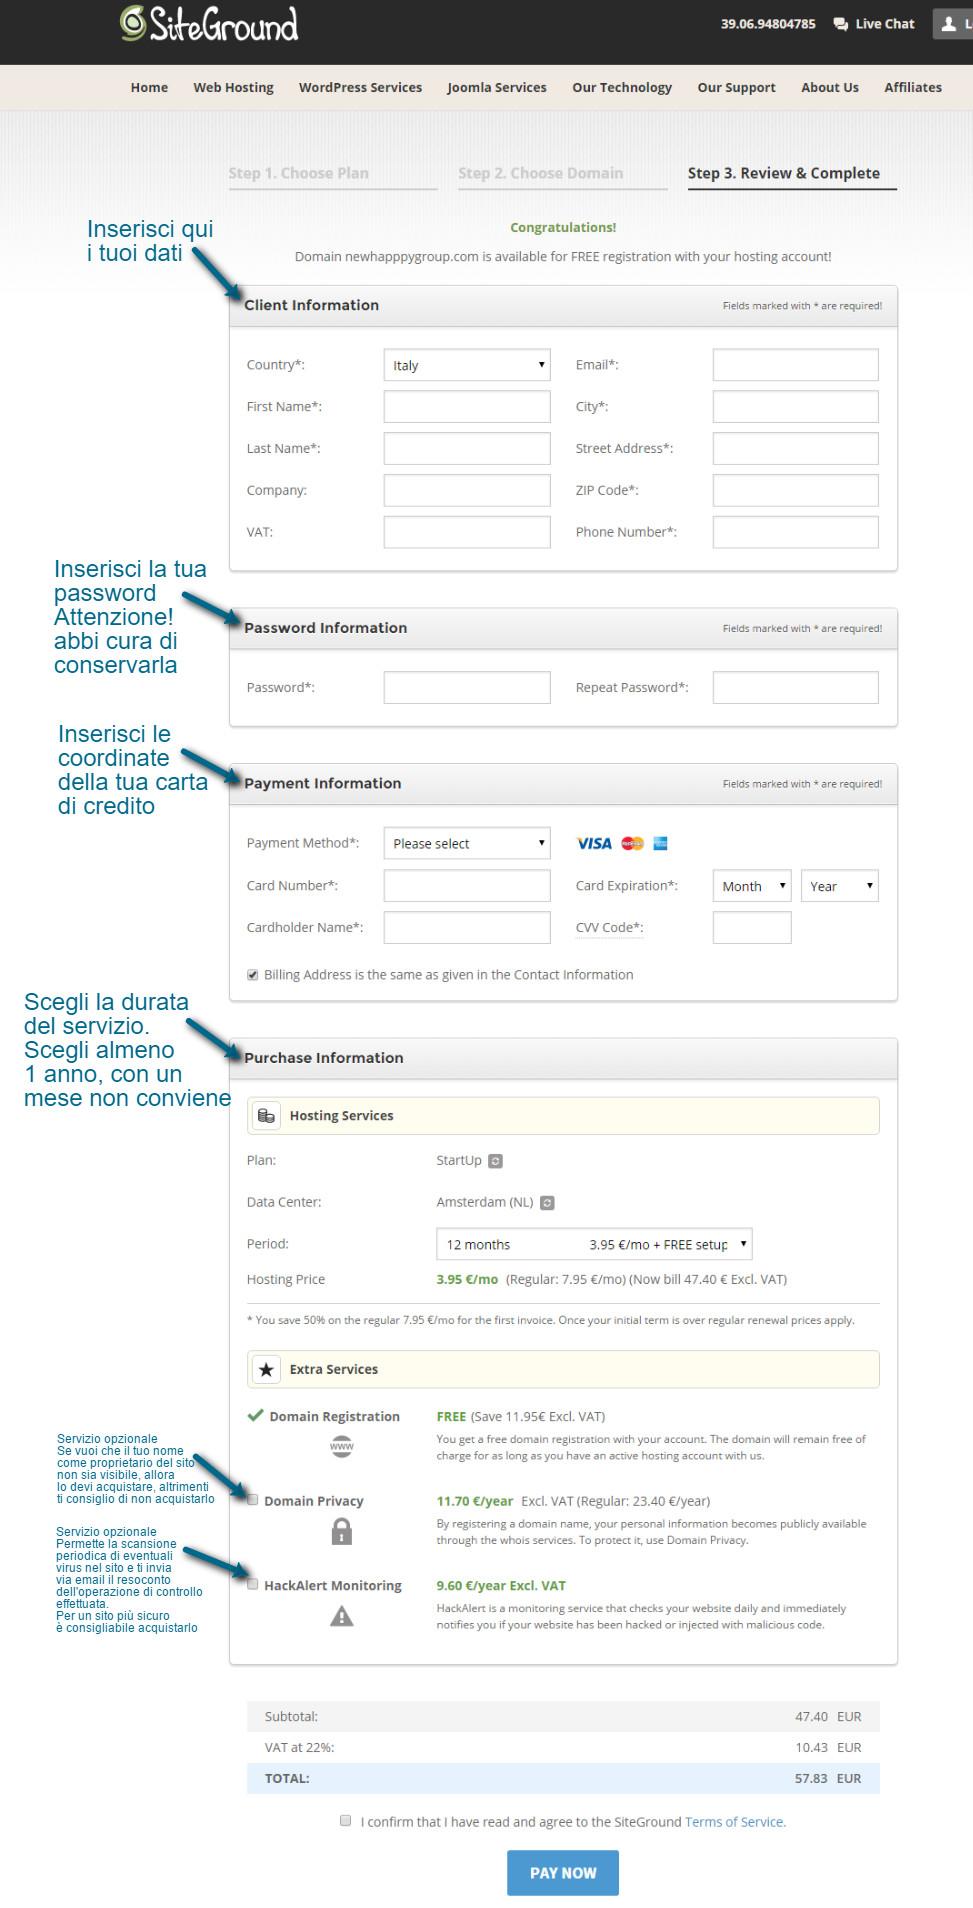 Pagina su Siteground per l'inserimento dei dati dopo aver scelto il dominio